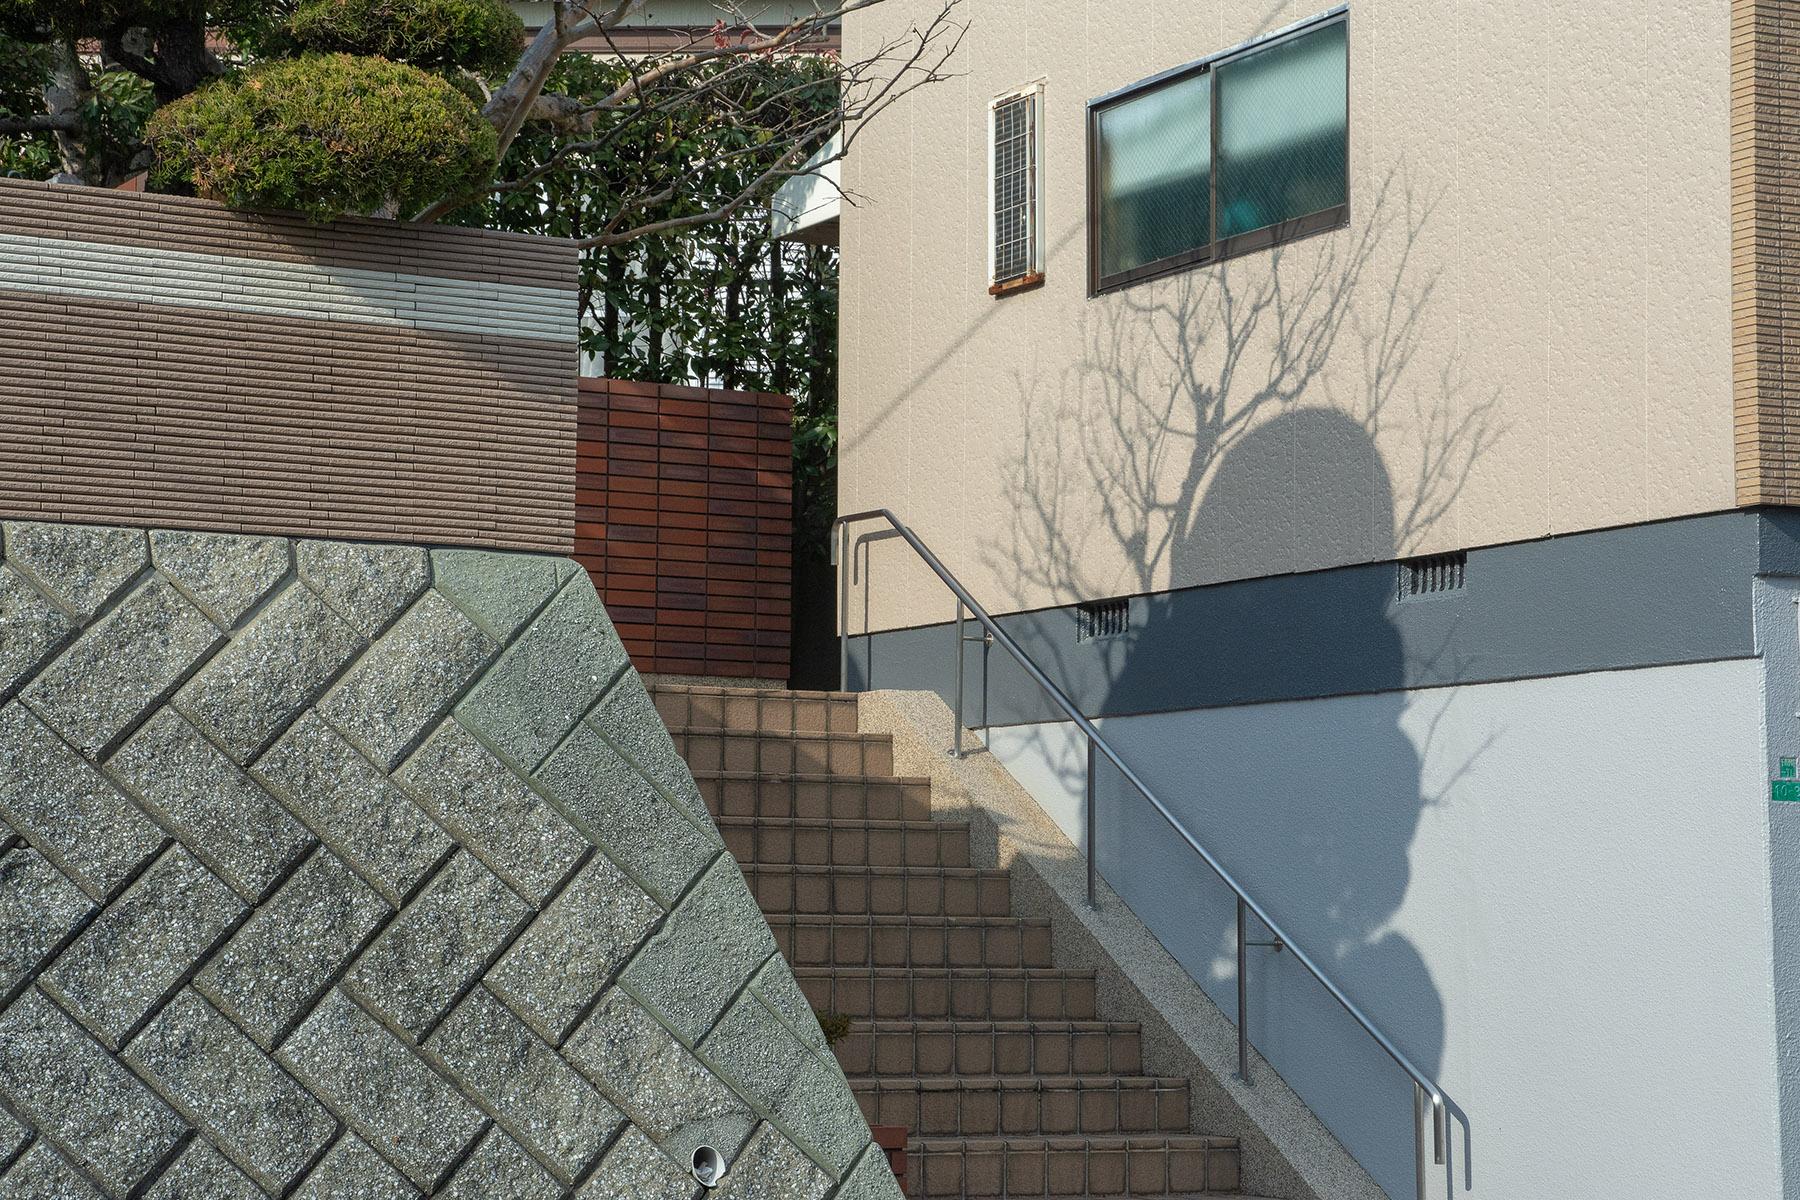 6_YJ_My Neighbour.jpg